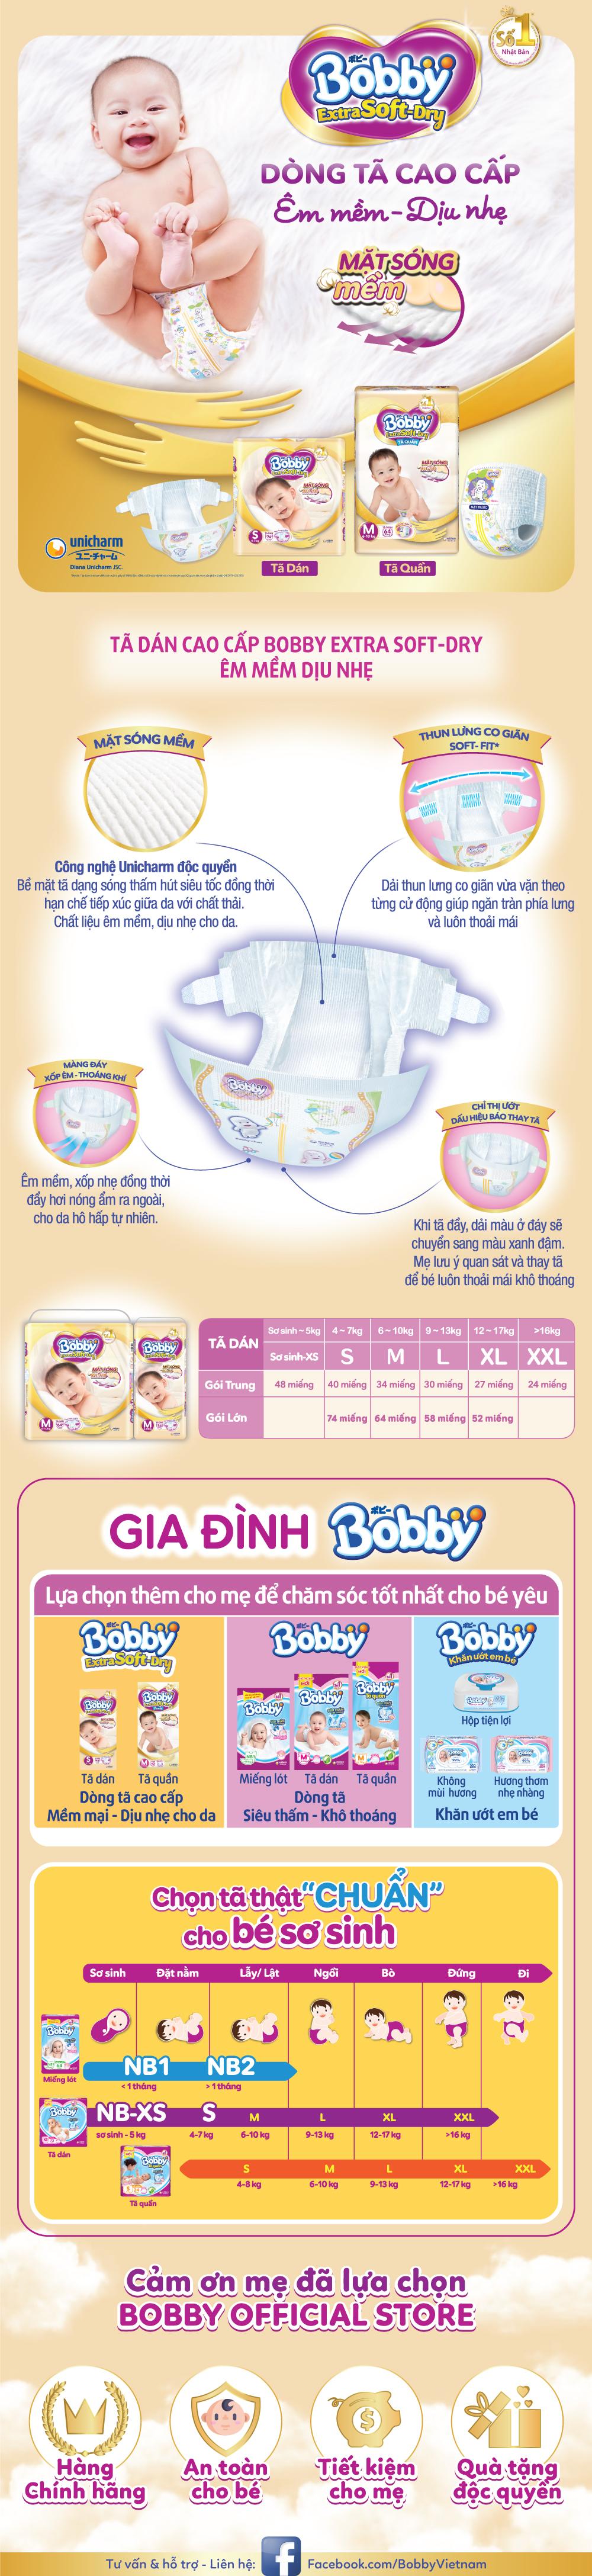 Tã Dán Siêu Mềm Bobby Extra Soft Dry Gói Lớn M34 (34 Miếng)